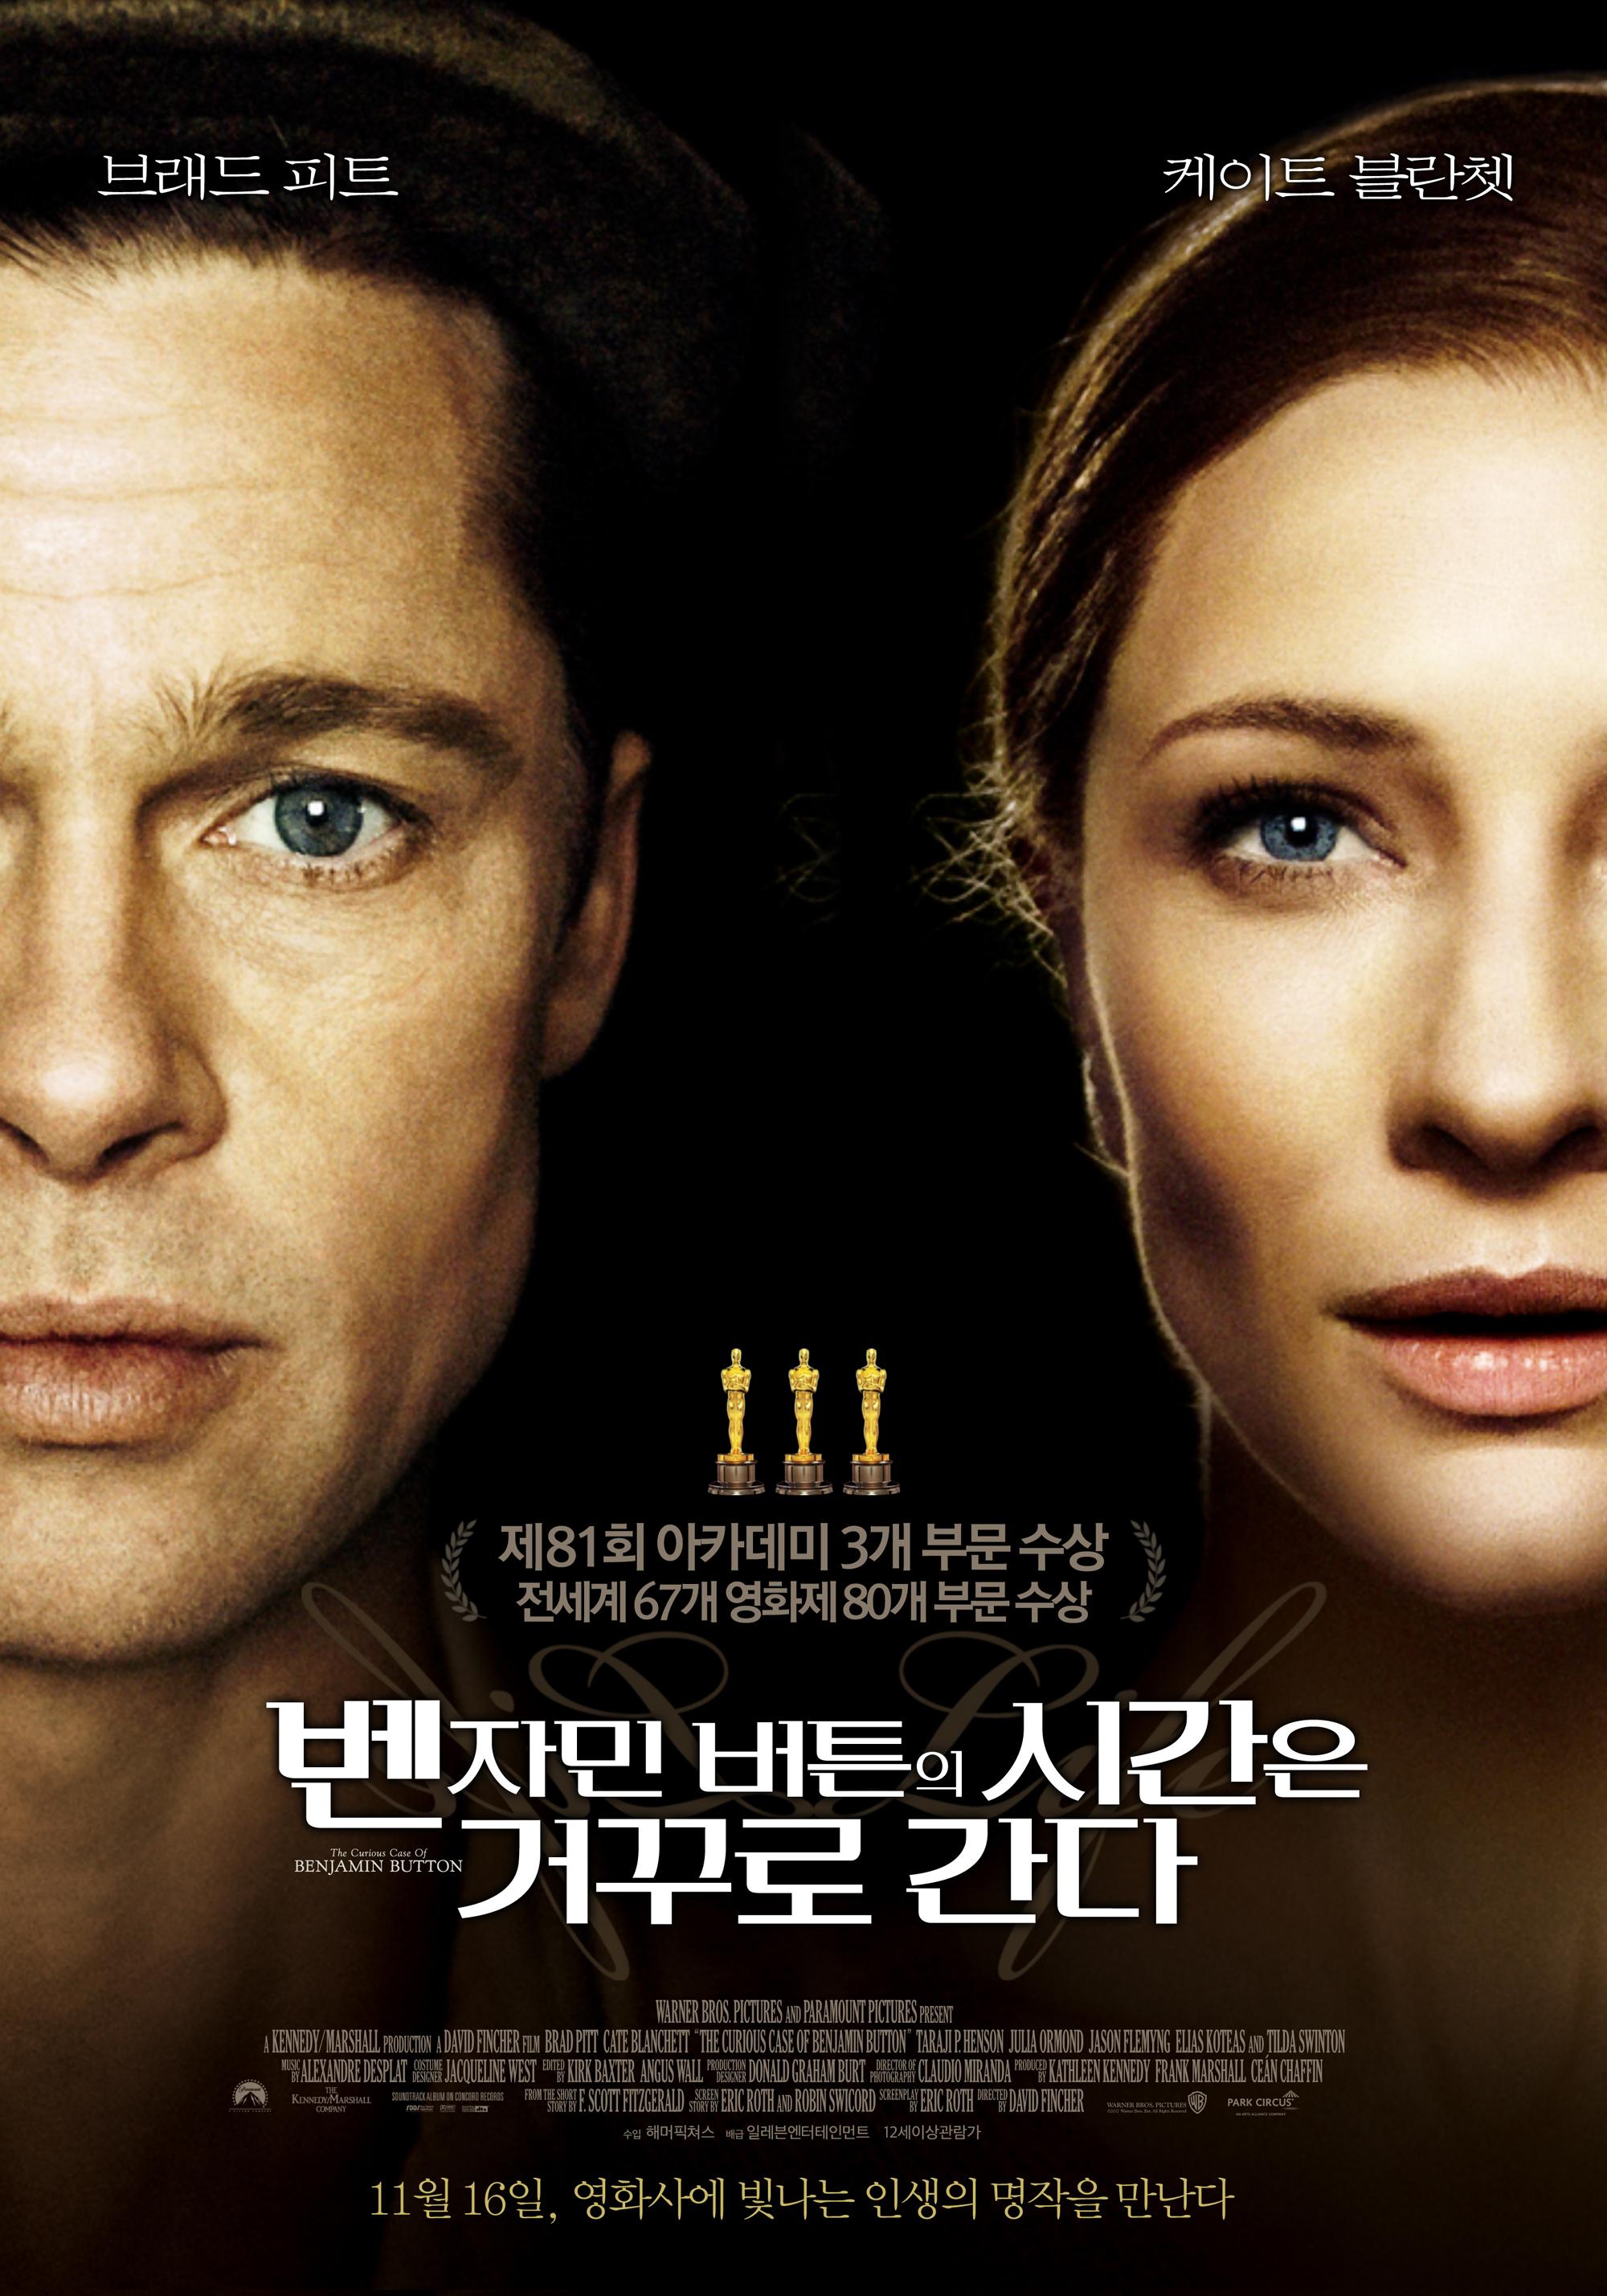 本杰明·巴顿奇事(2008)